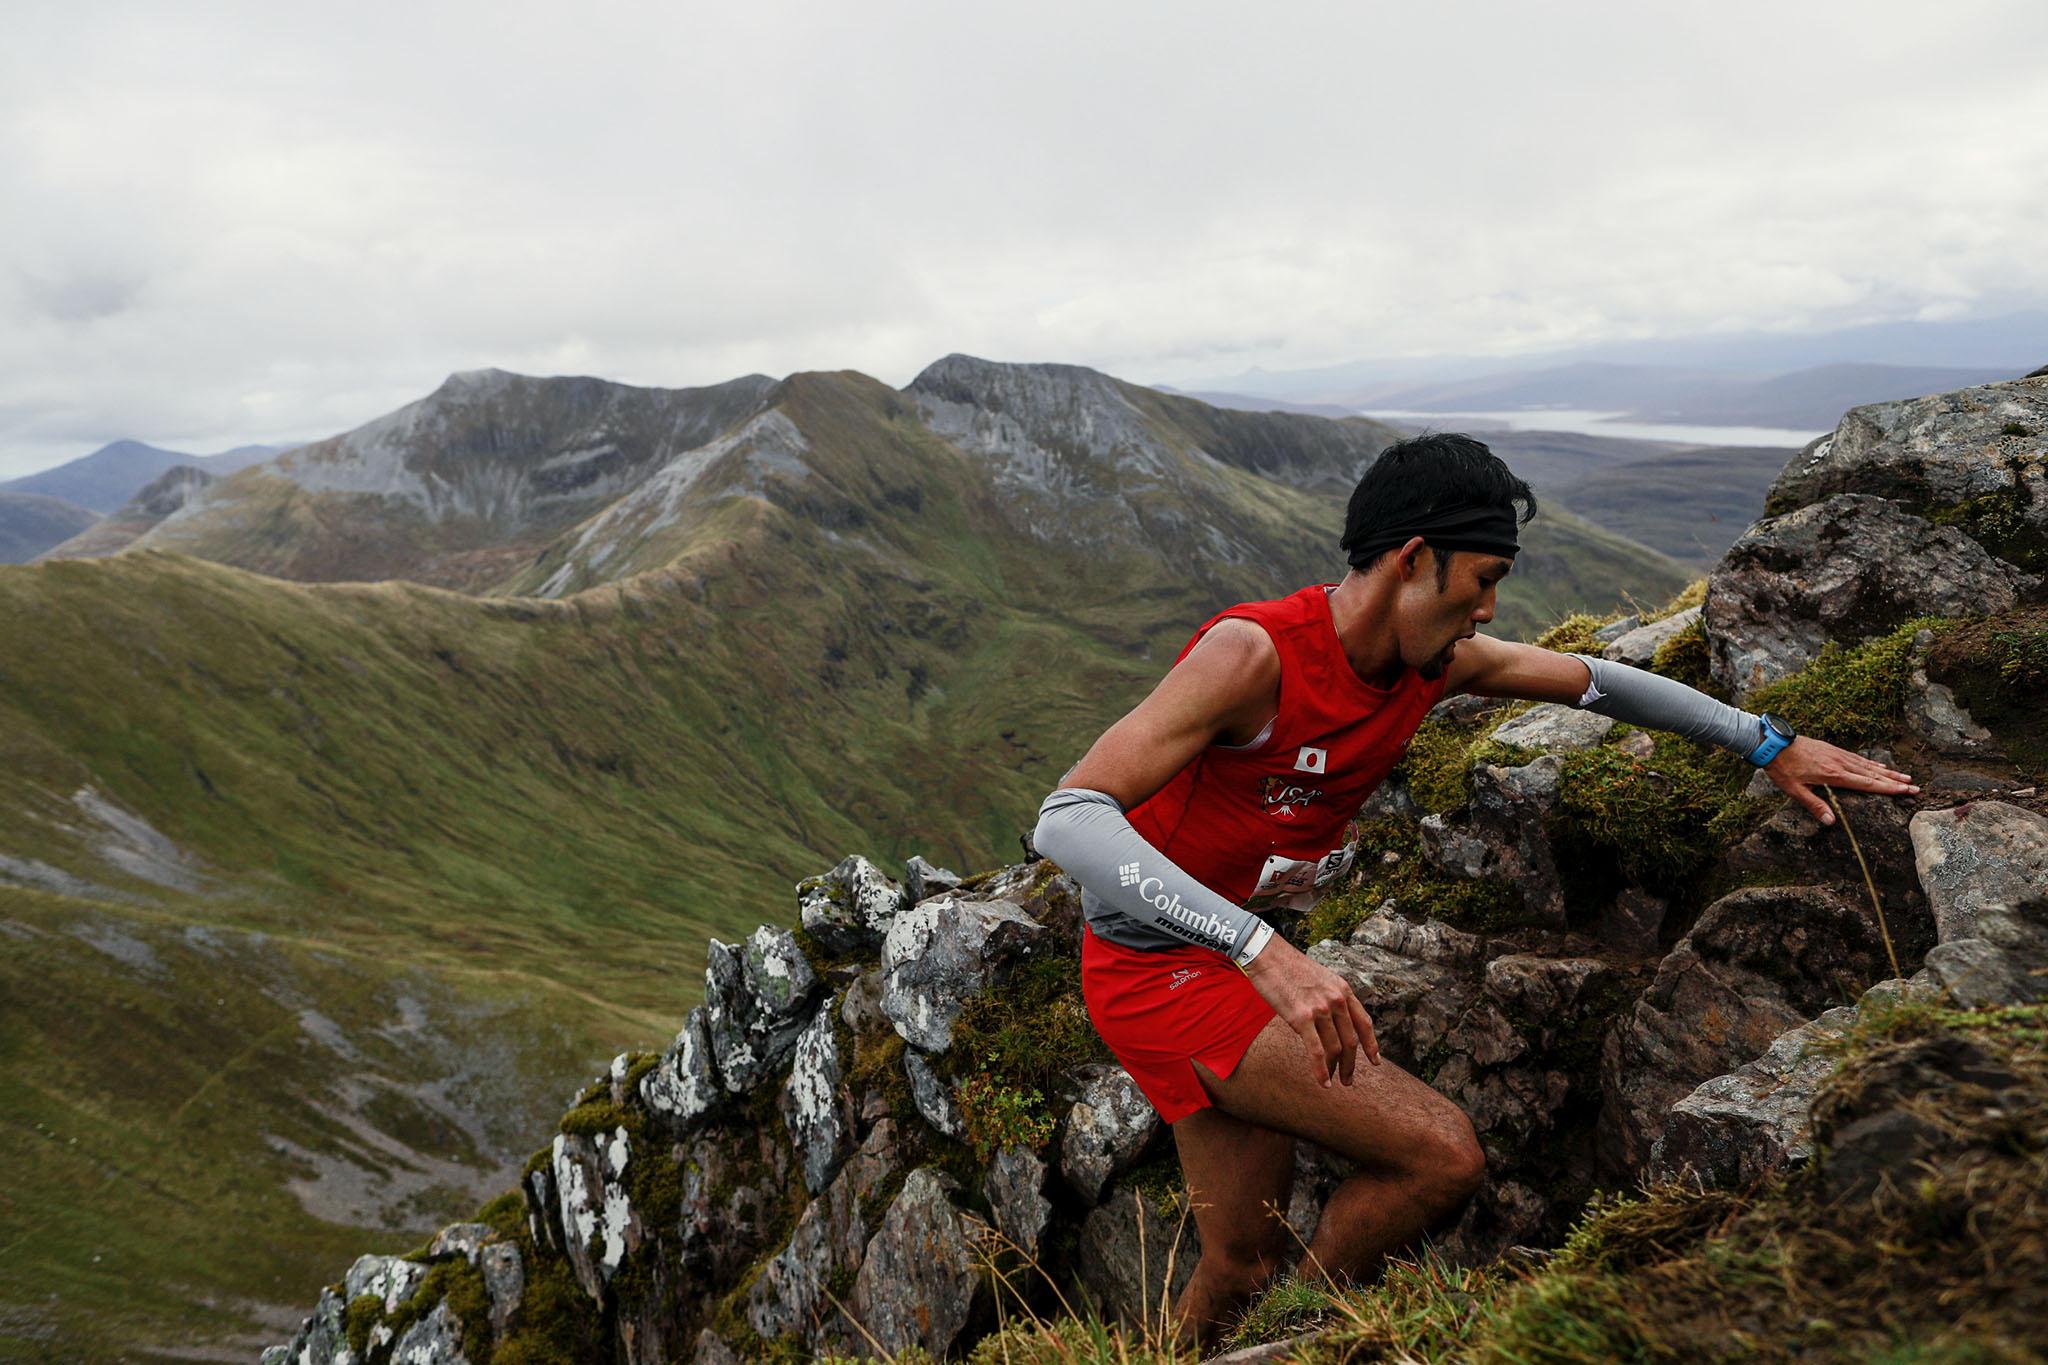 このレースで世界の第1線からの引退を決めていた松本の最後の登り。今後は世界に挑むアスリートへの支援体制を整える活動に集中する ©Sho Fujimaki